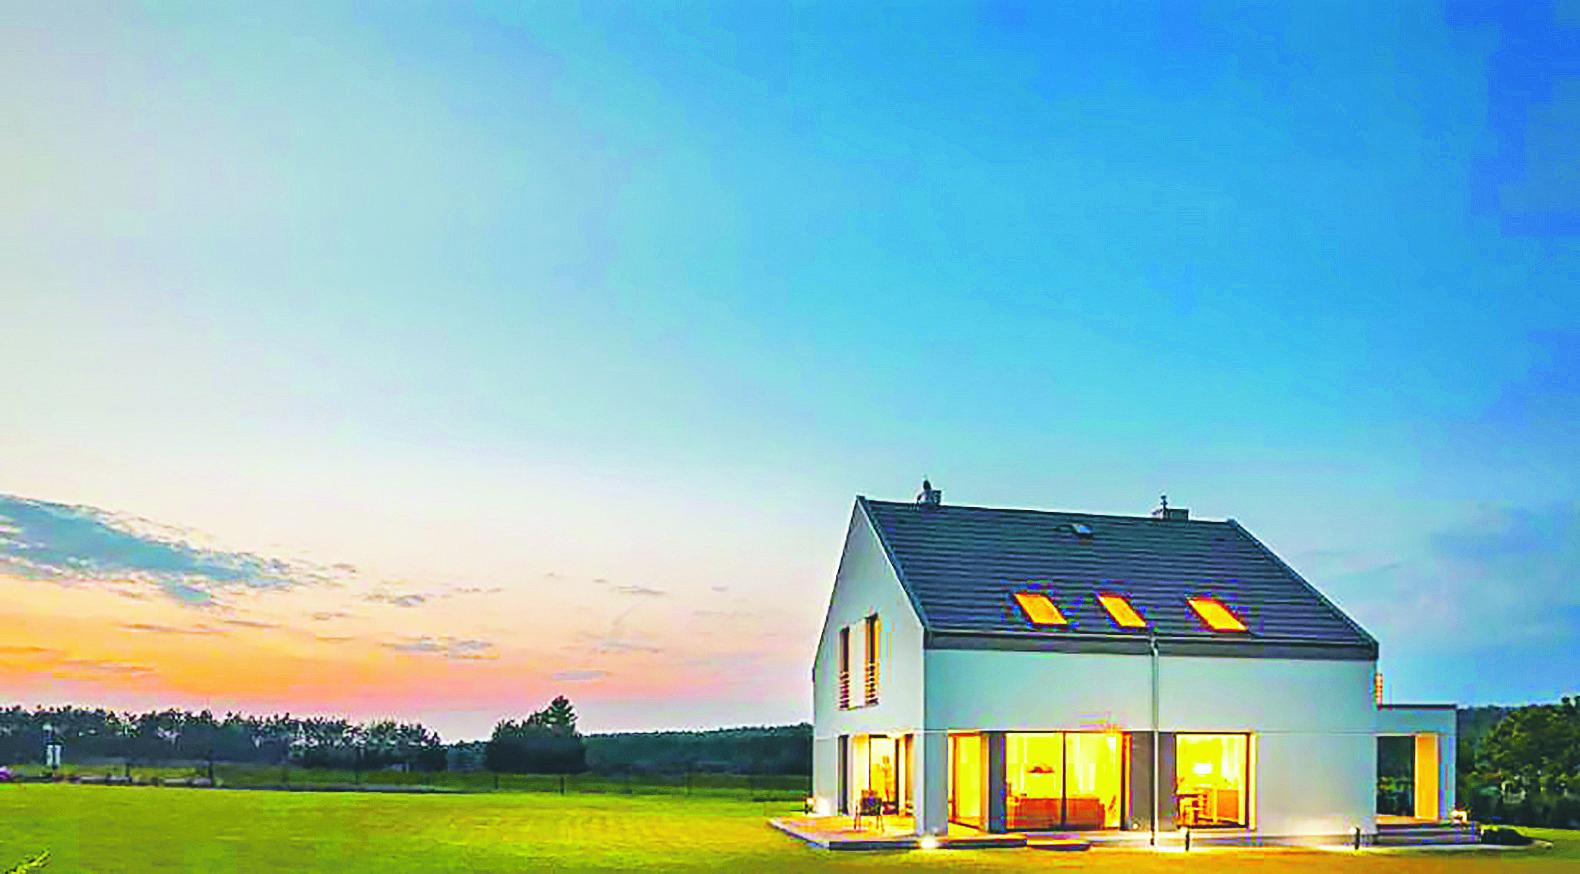 En värmepumpinstallation är en långsiktig investering som sänker husets uppvärmningskostnad och höjer fastighetens värde. Samtidigt bör du se över husets värmetjuvar och ventilationen samt eventuellt tilläggsisolera.